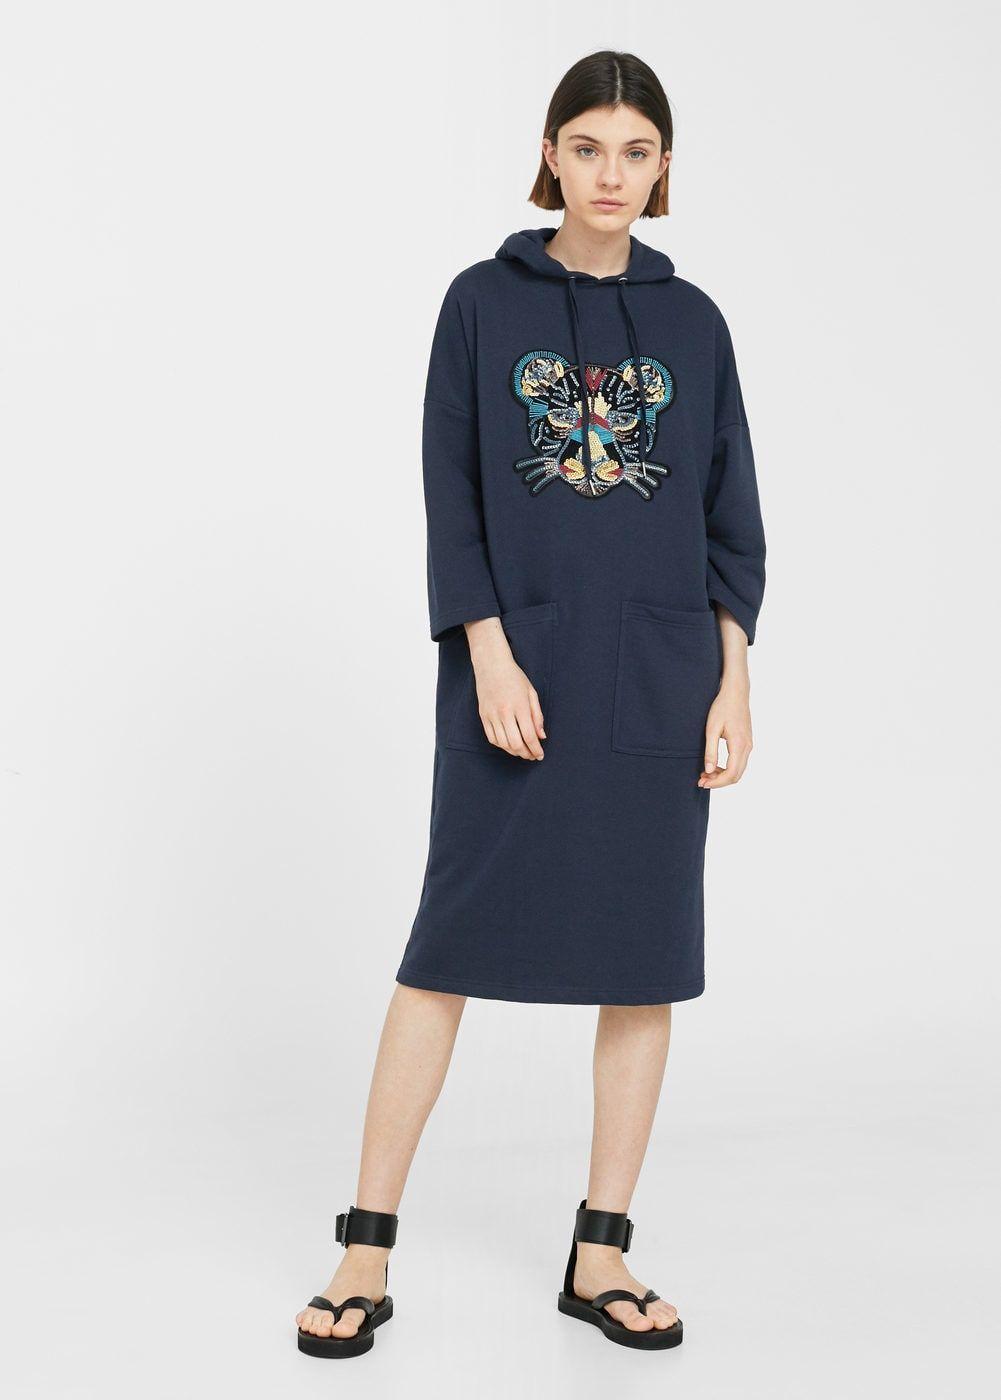 85ce6d797a8c Платье-свитшот с нашивками - Платья - Женская | Mango | Одежда ...